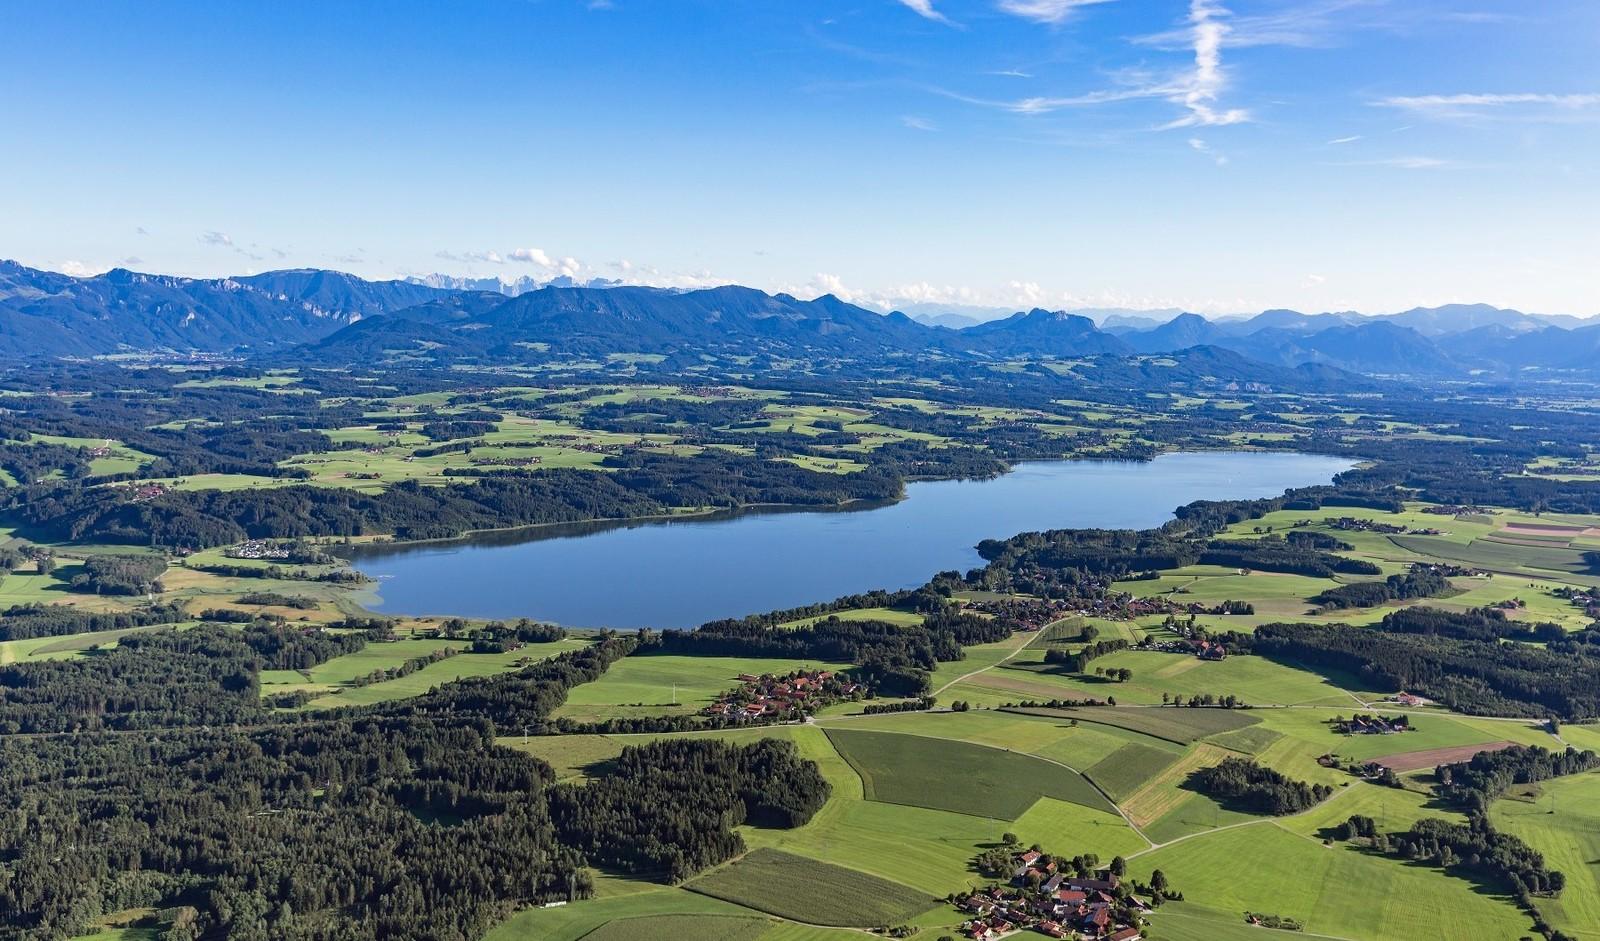 Urlaubsregion-Simssee-lufbild-1800x1059.jpg